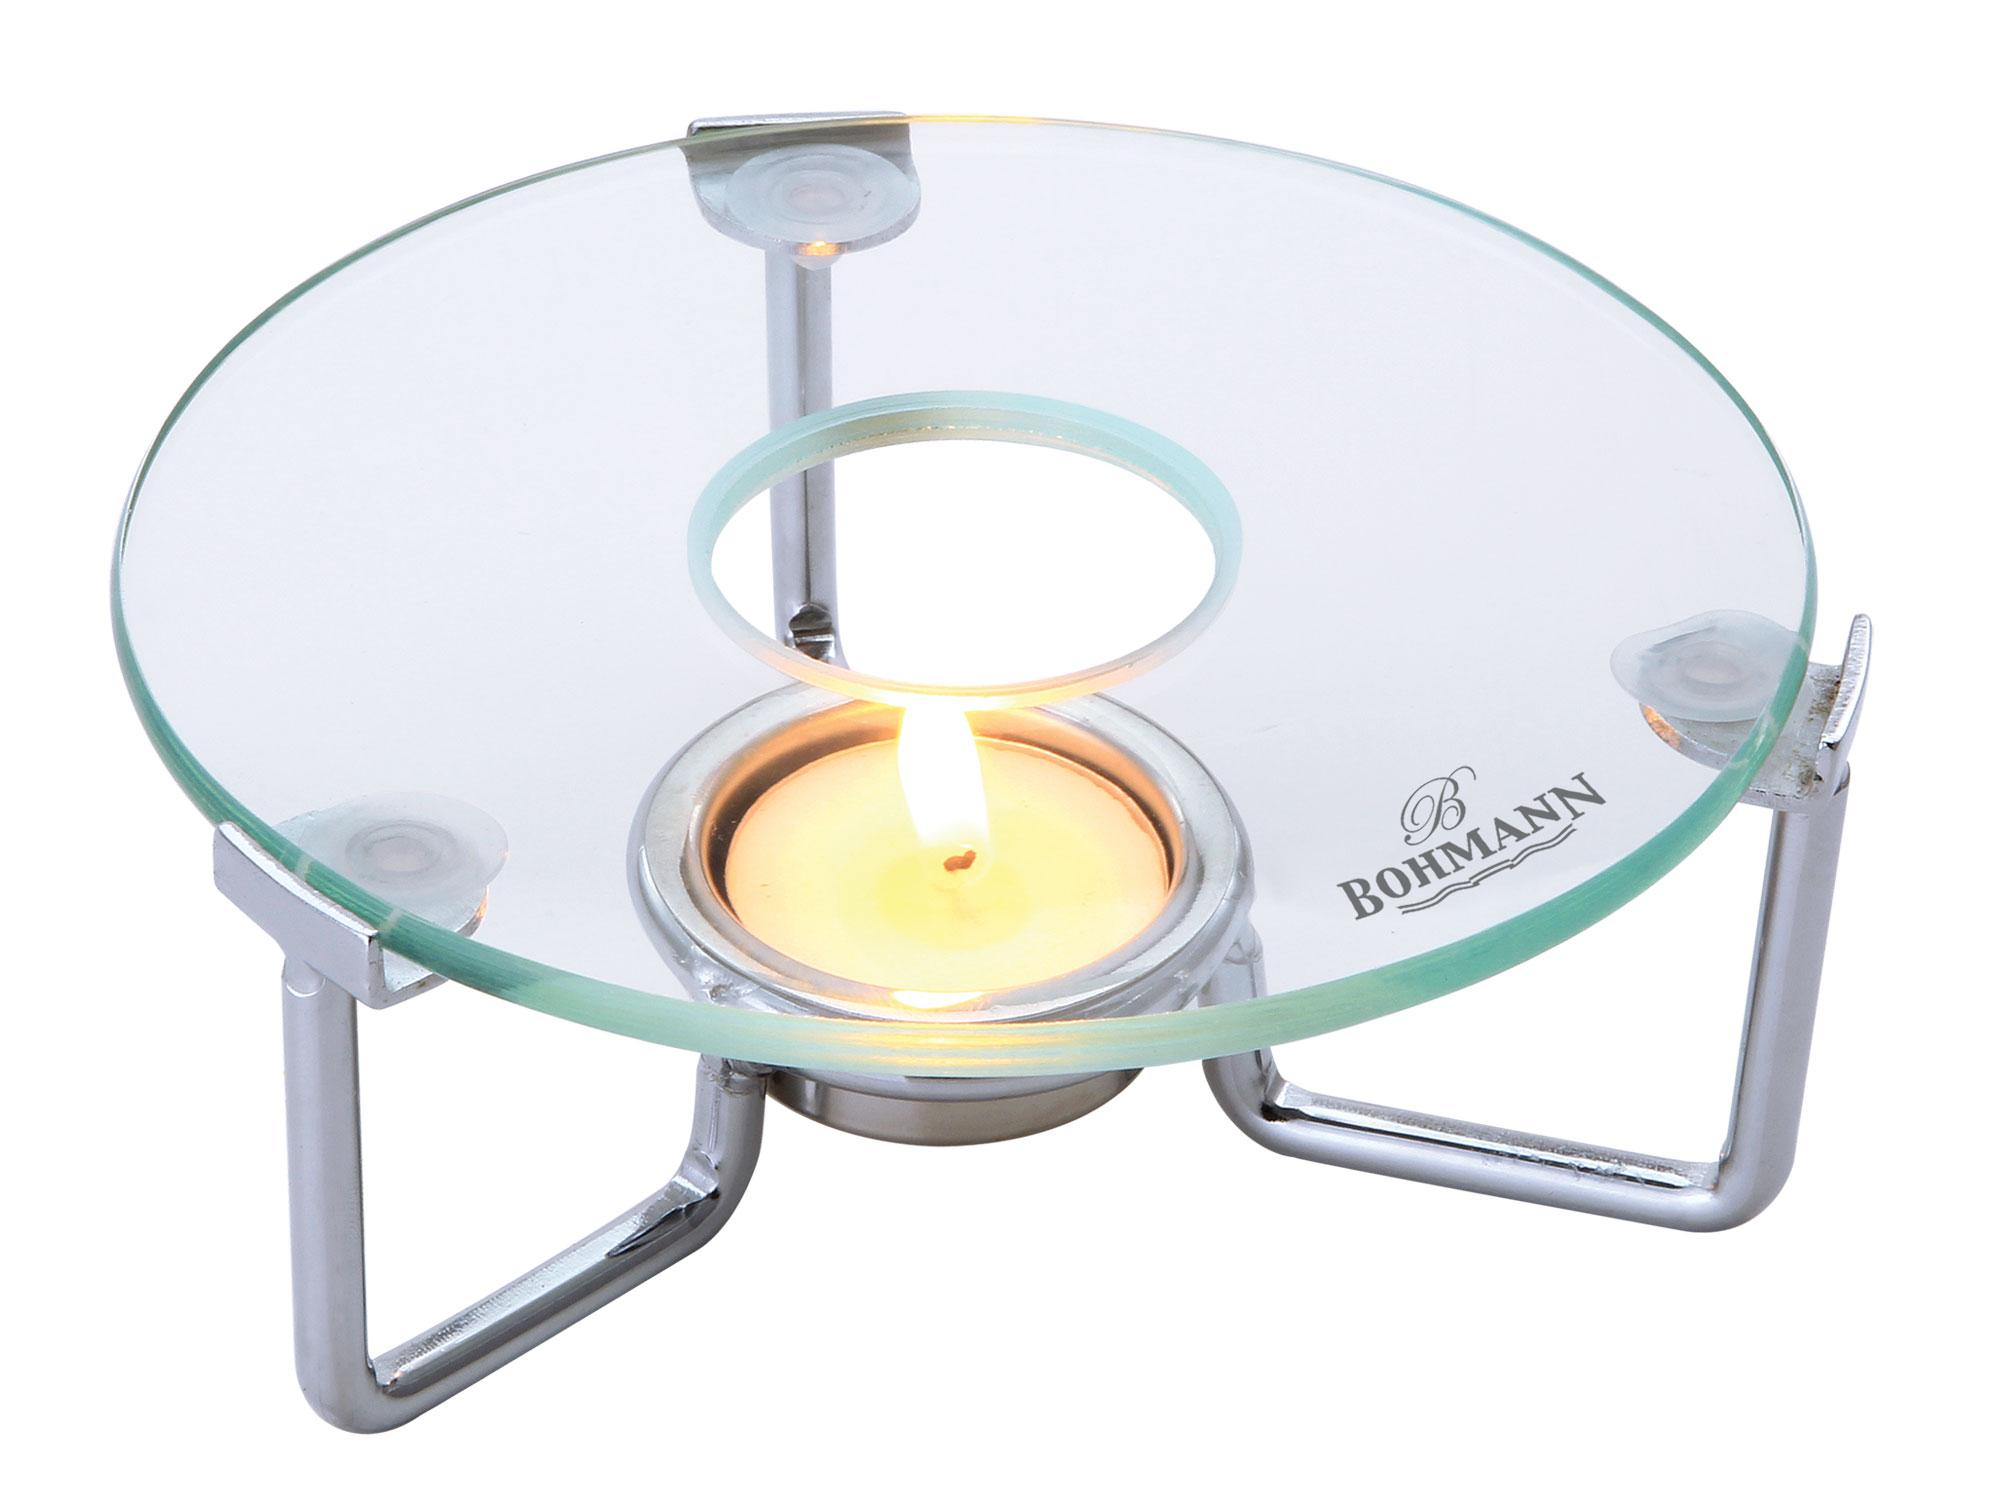 Мармит-подставка Bohmann, для чайника, цвет: прозрачный115510Подставка-мармит для подогрева чайника. Термостойкая стеклянная подставка. Стекло можно заменить, легко мыть. Не ржавеет. Глянцевая хромированная рамка с 1 держателем для греющей свечи. Размер: 15 х 15 х 5 см.